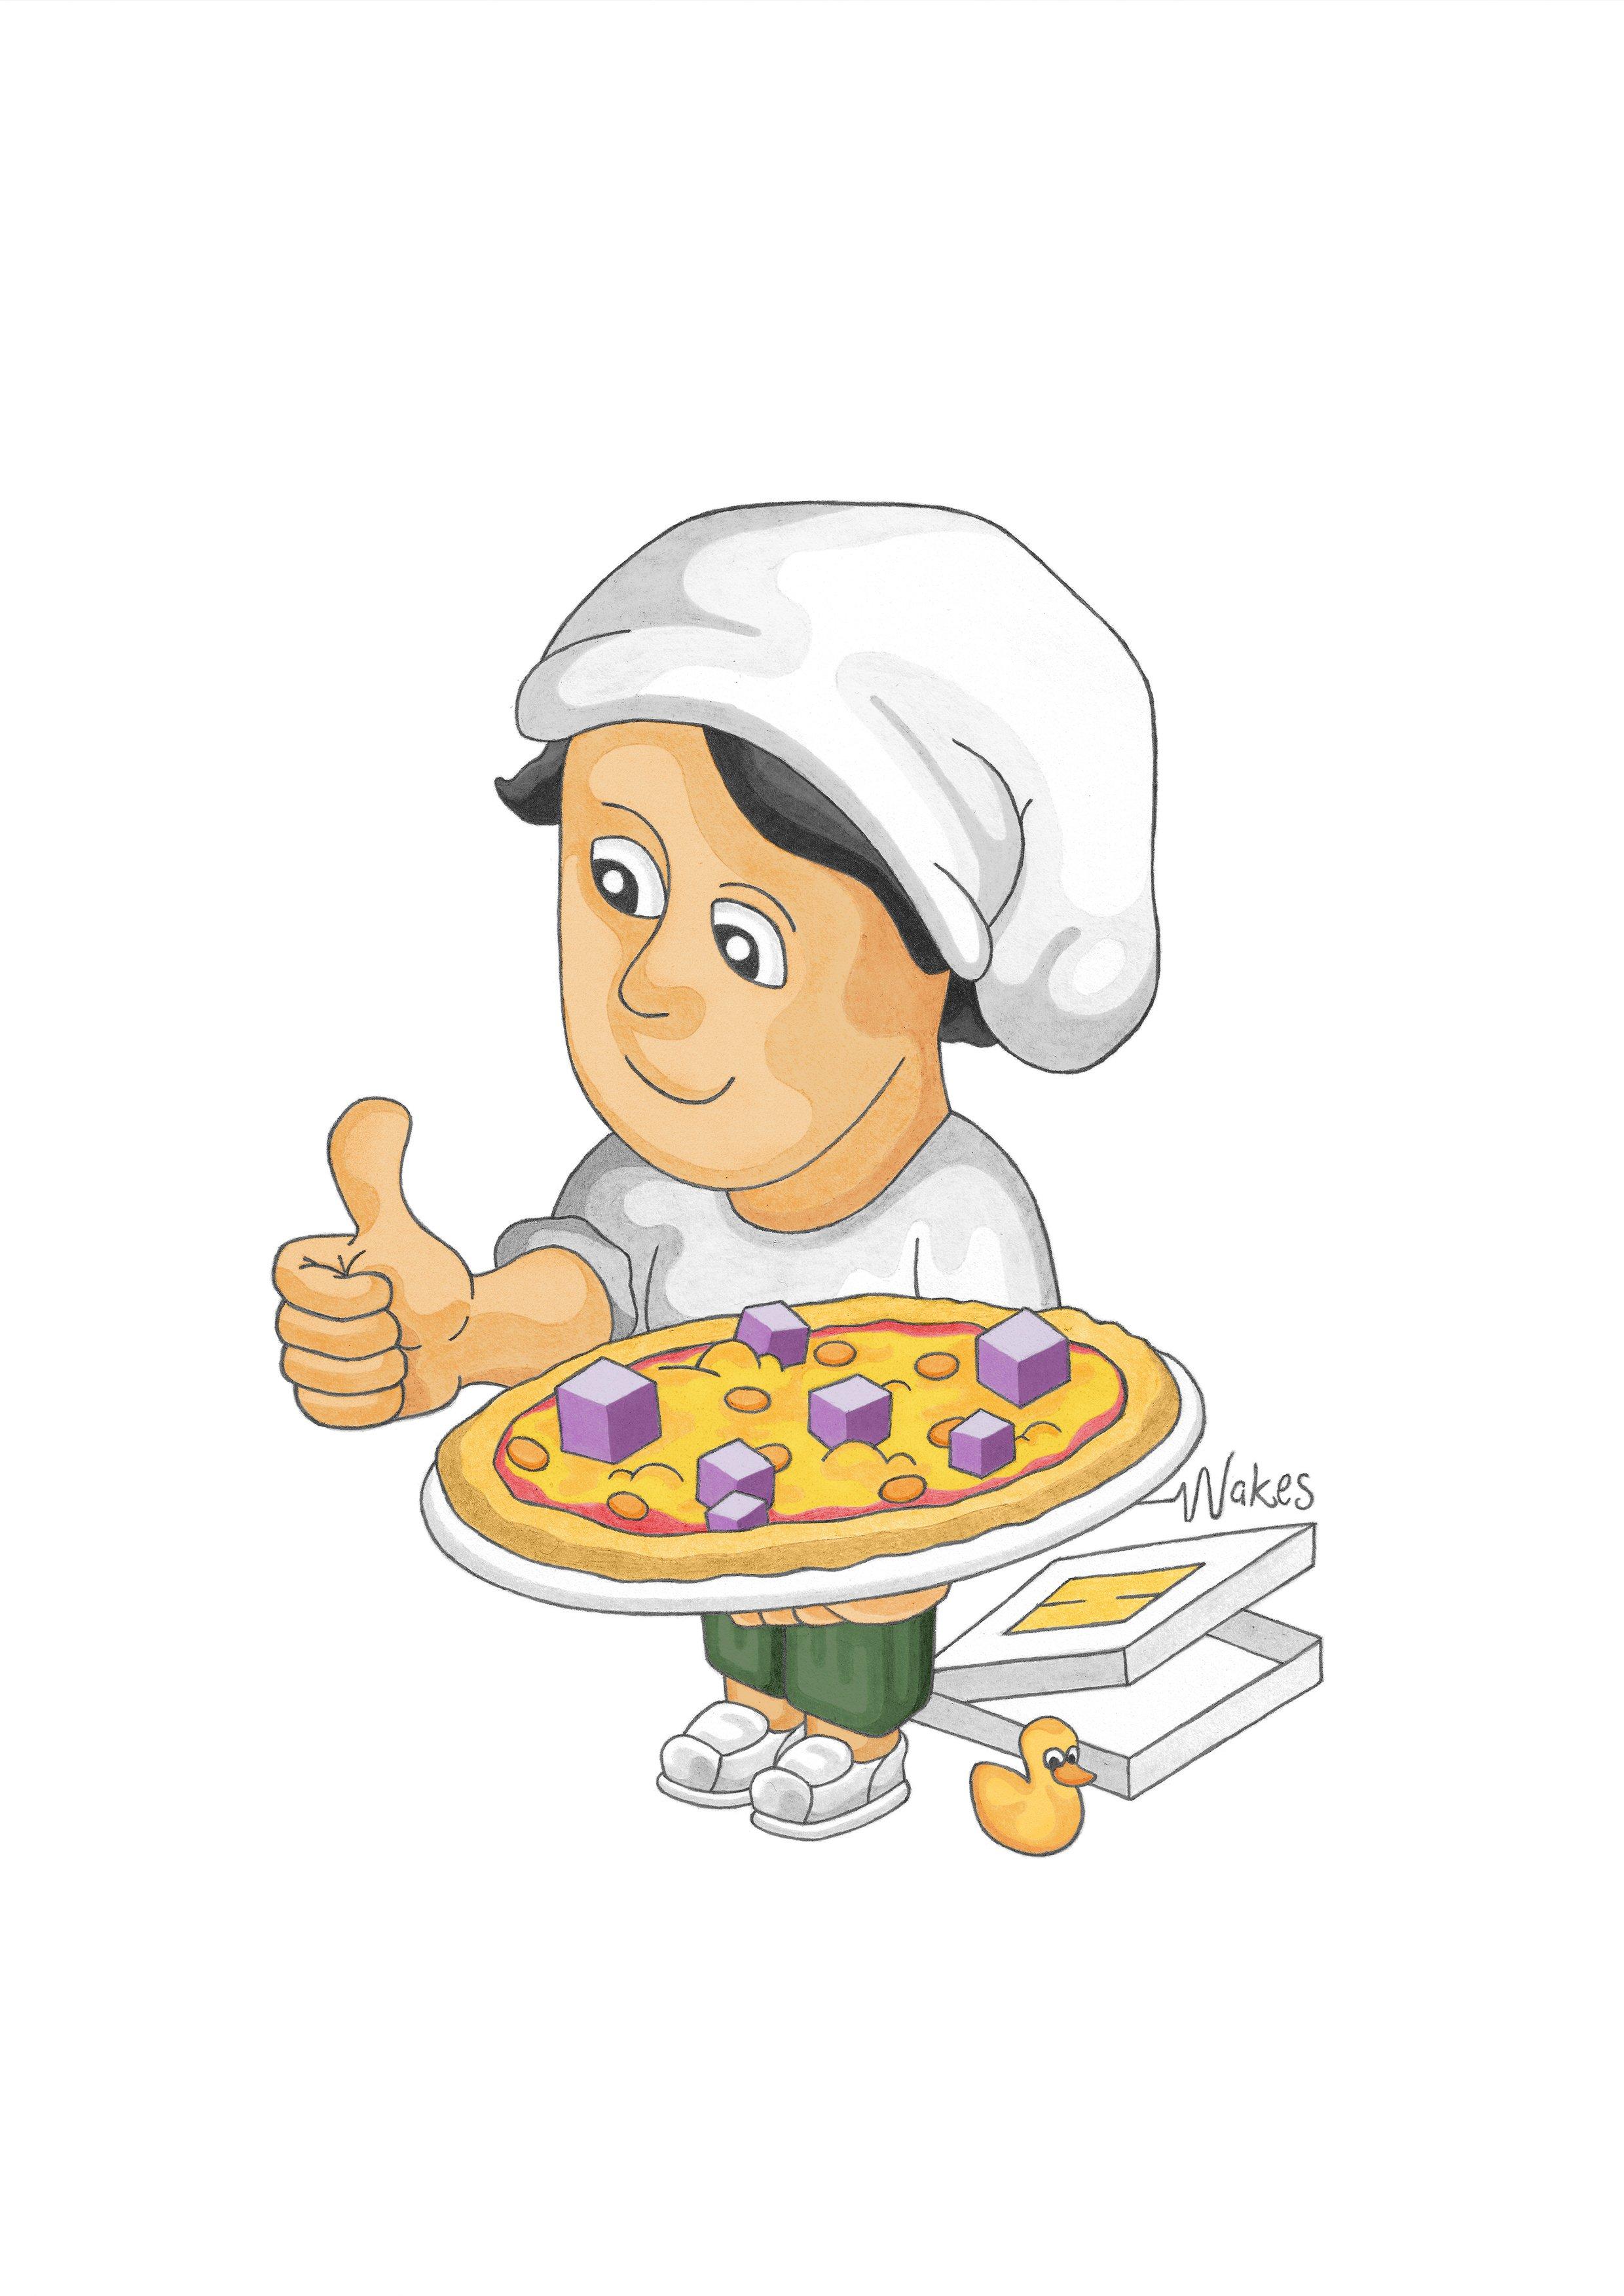 Pizza de Wakes